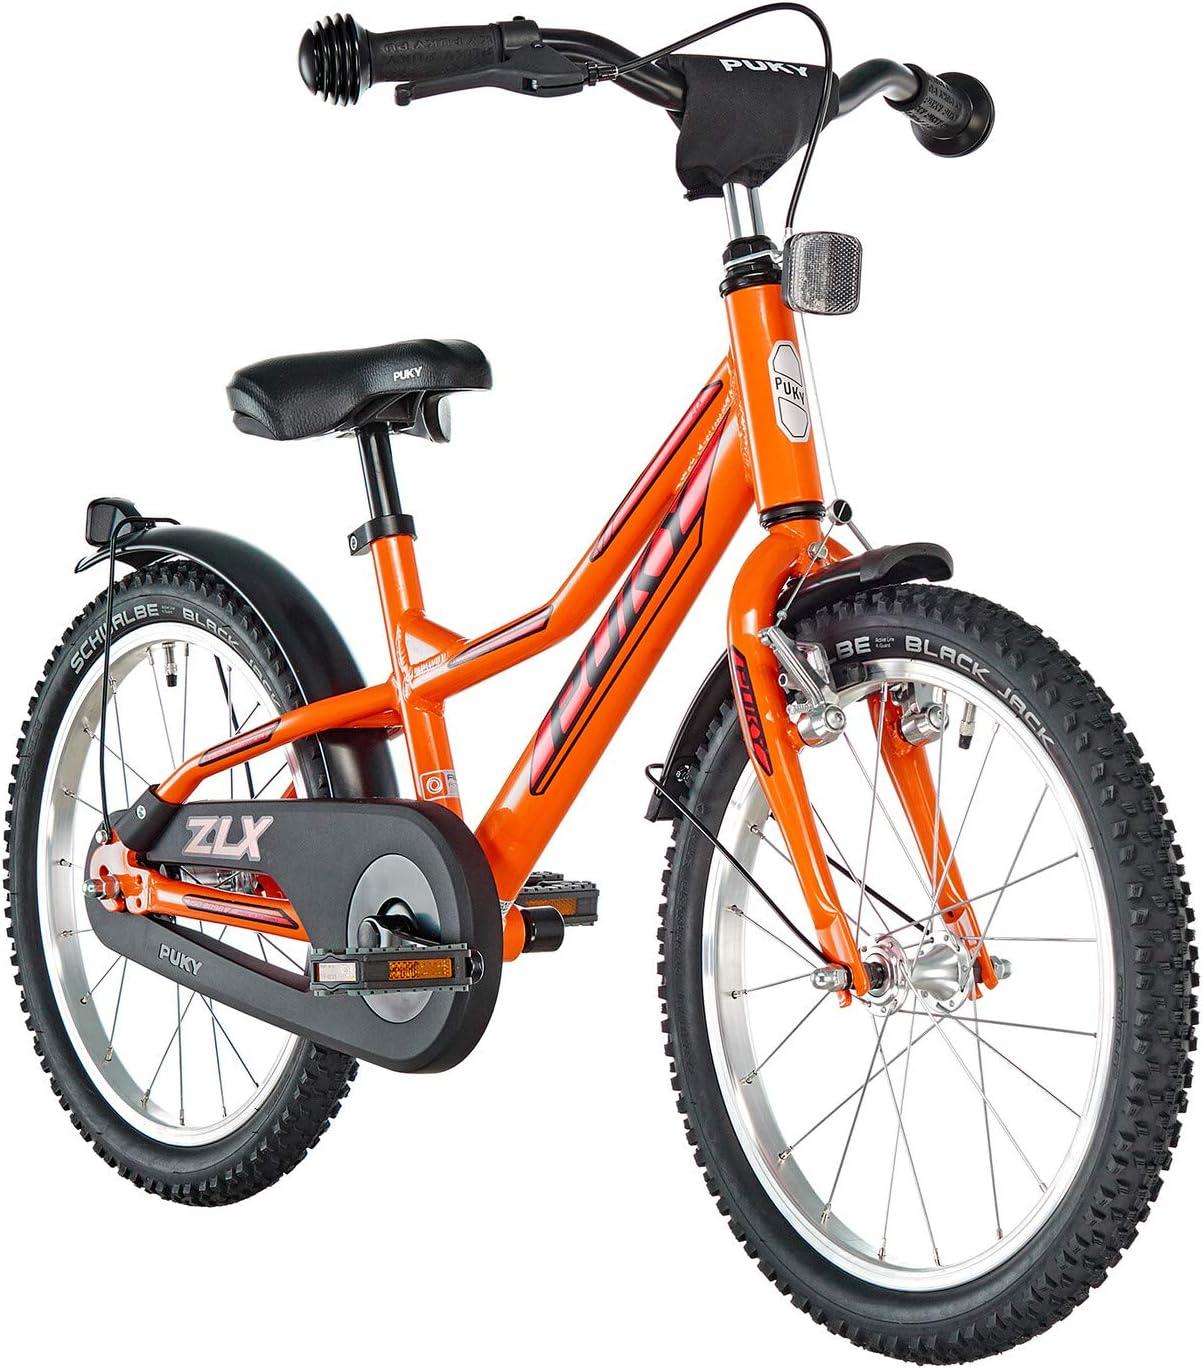 Puky Niños ZLX 18 – 1 Aluminio Vehículos, Color Racing Orange ...